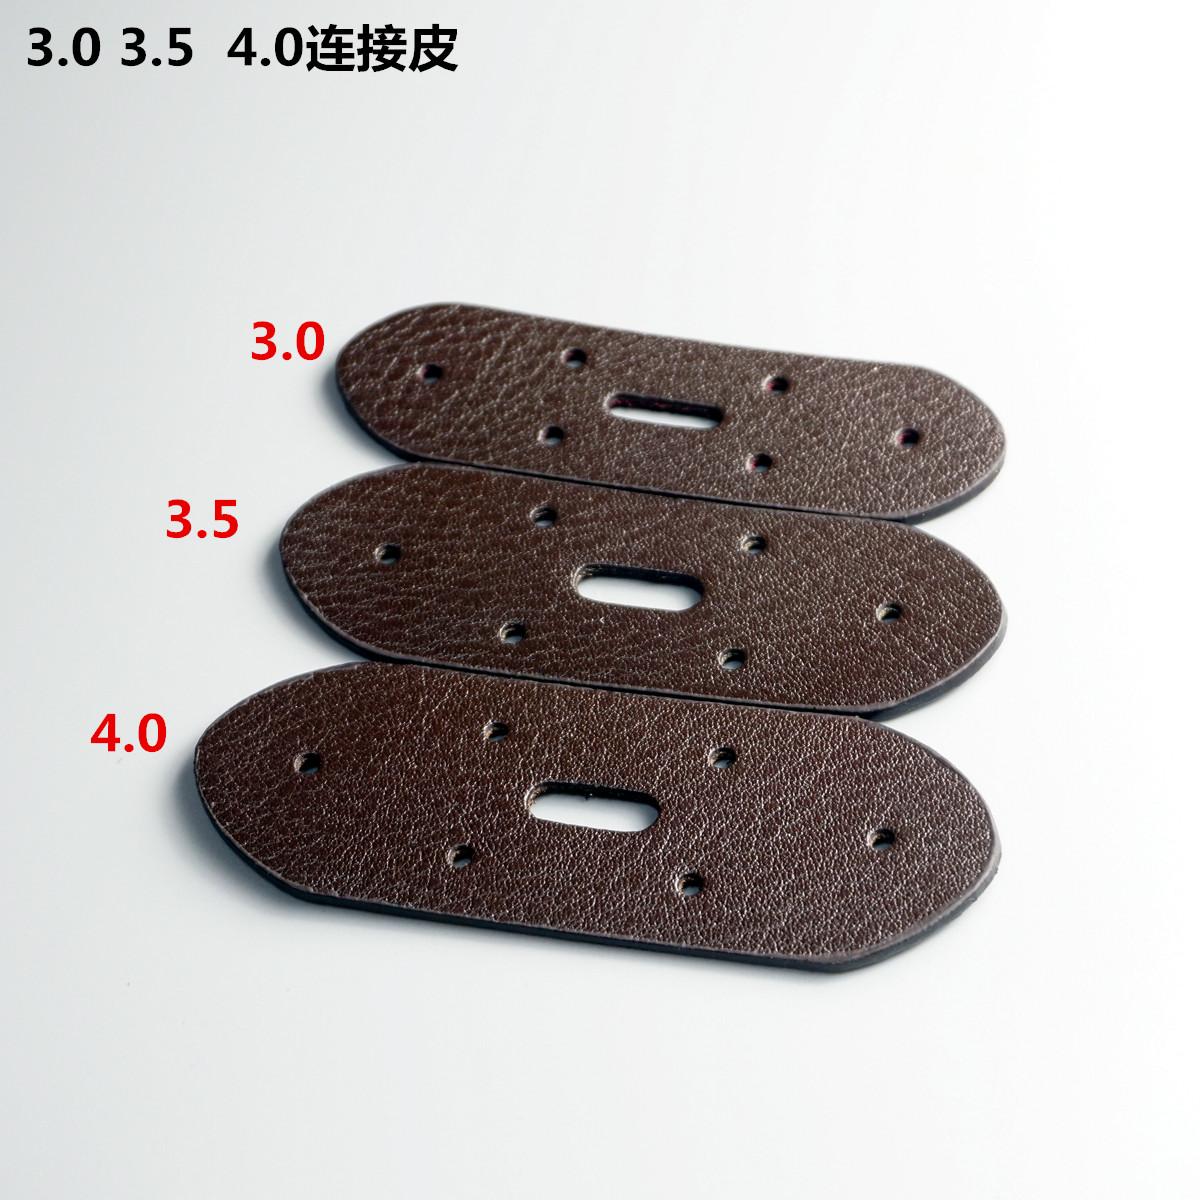 3.0 3.5 3.8皮带男真皮针扣皮头 连接皮 链接皮 无头皮带配件带头